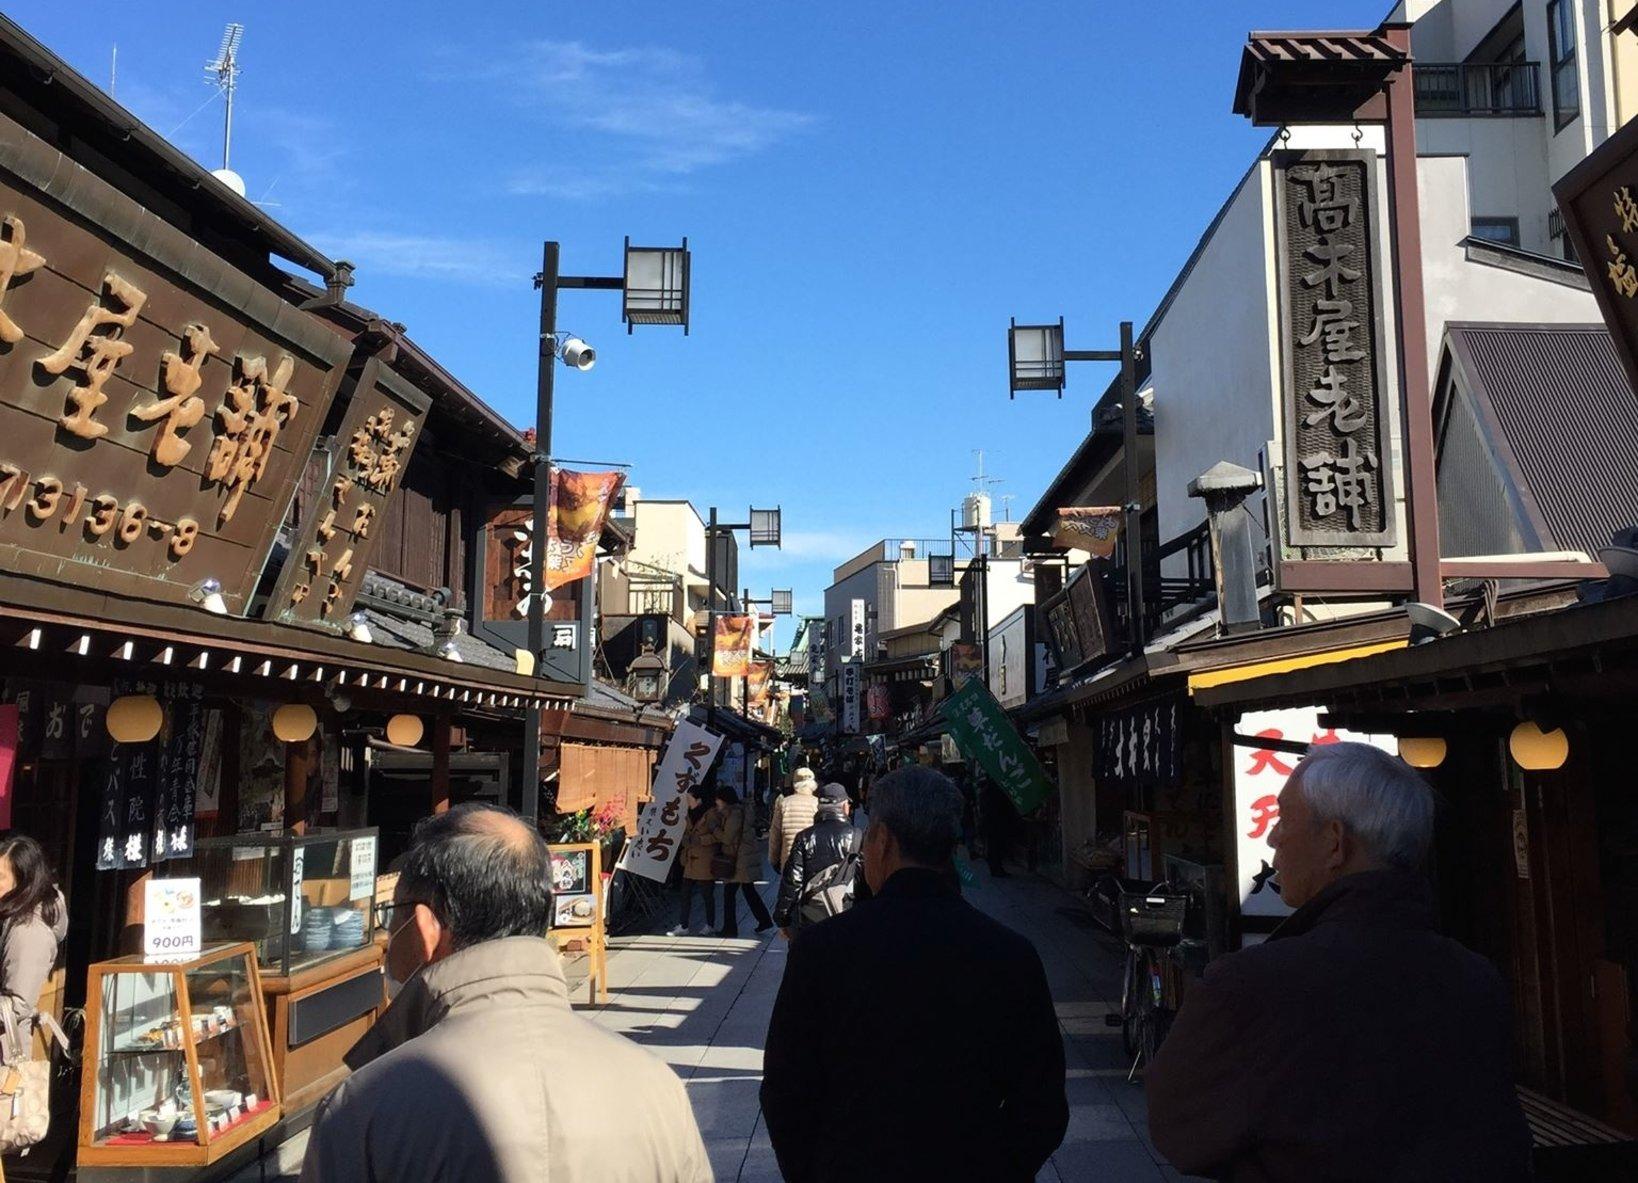 帝釈天参道はとても活気がある。柴又は高い建物が無いので空が近く感じます。